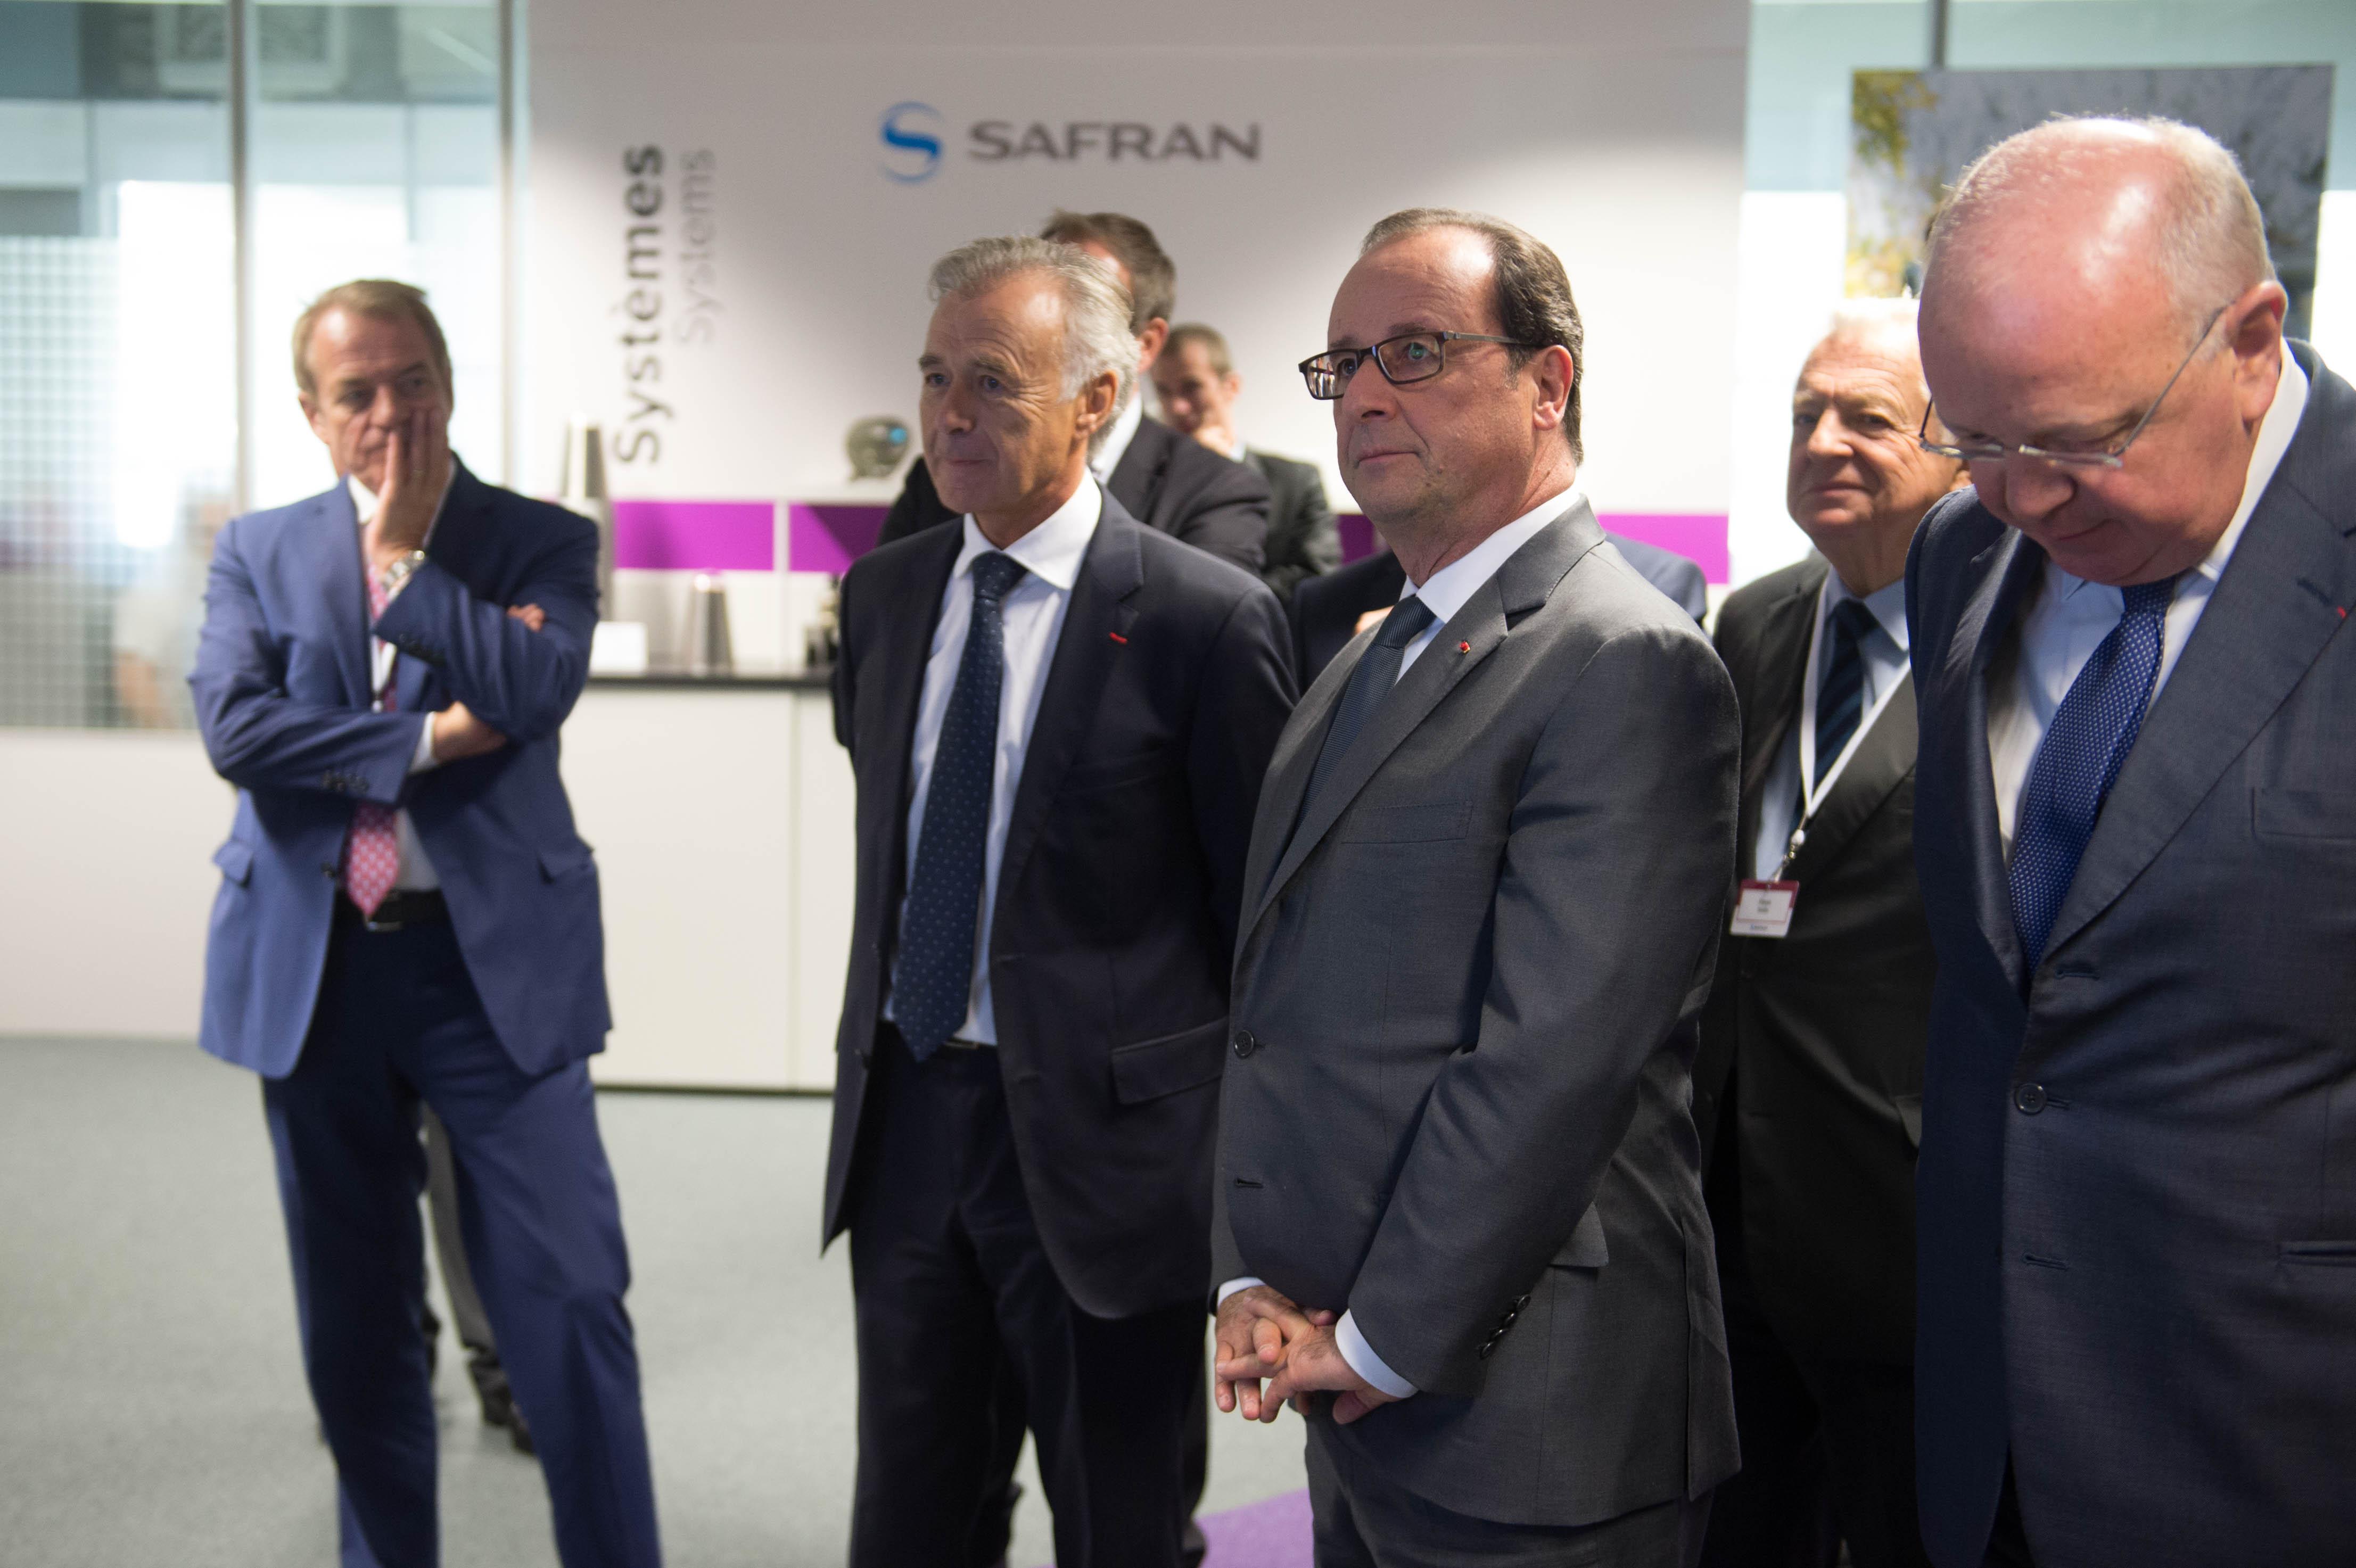 François Hollande et Dominique Lefebvre lors de l'inauguration du nouveau centre de recherche de Safran à Eragny